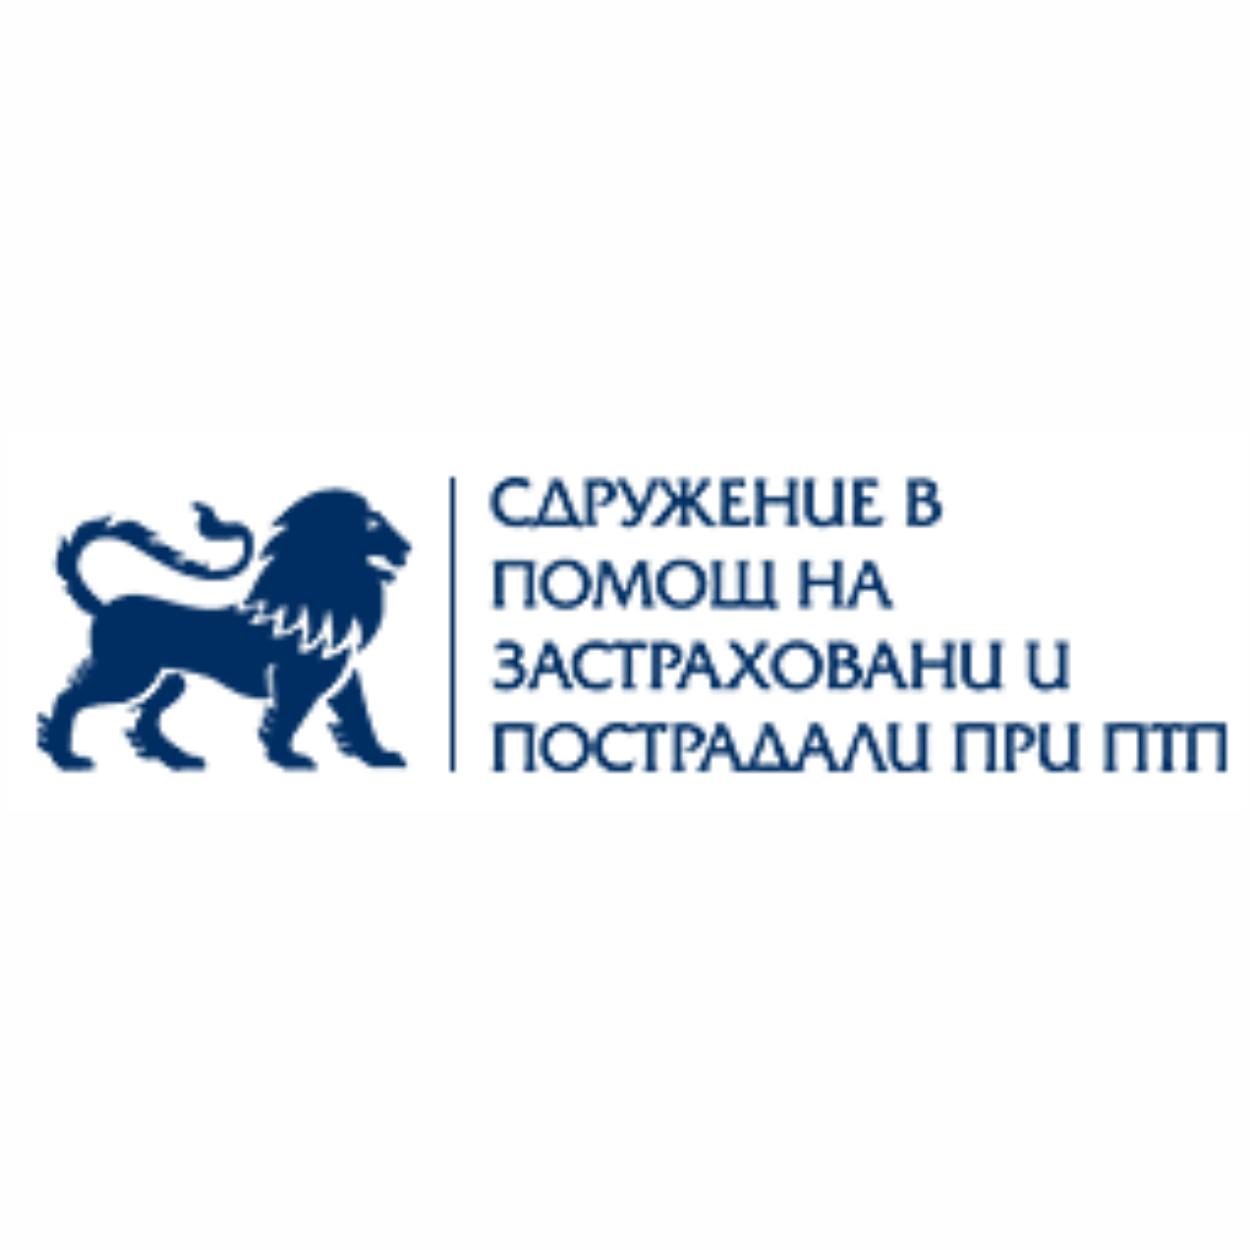 Сдружение в помощ на застрахованите и пострадалите при ПТП